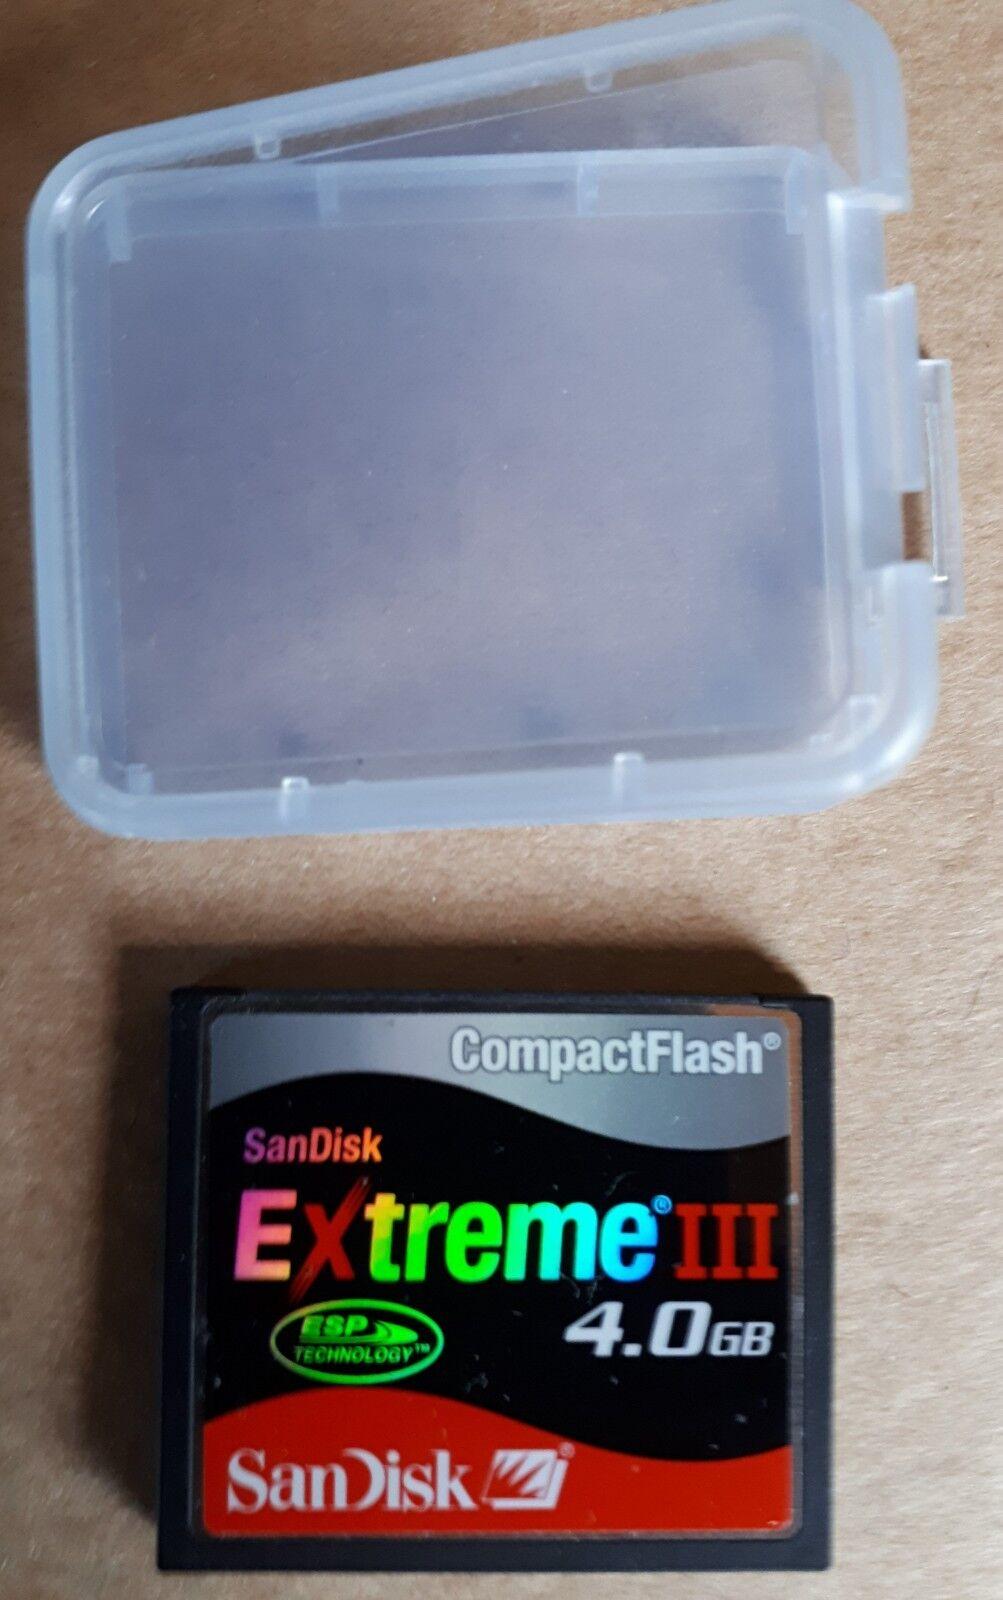 SanDisk Extreme III CF CompactFlash 4.0GB Speicherkarte -gebraucht-